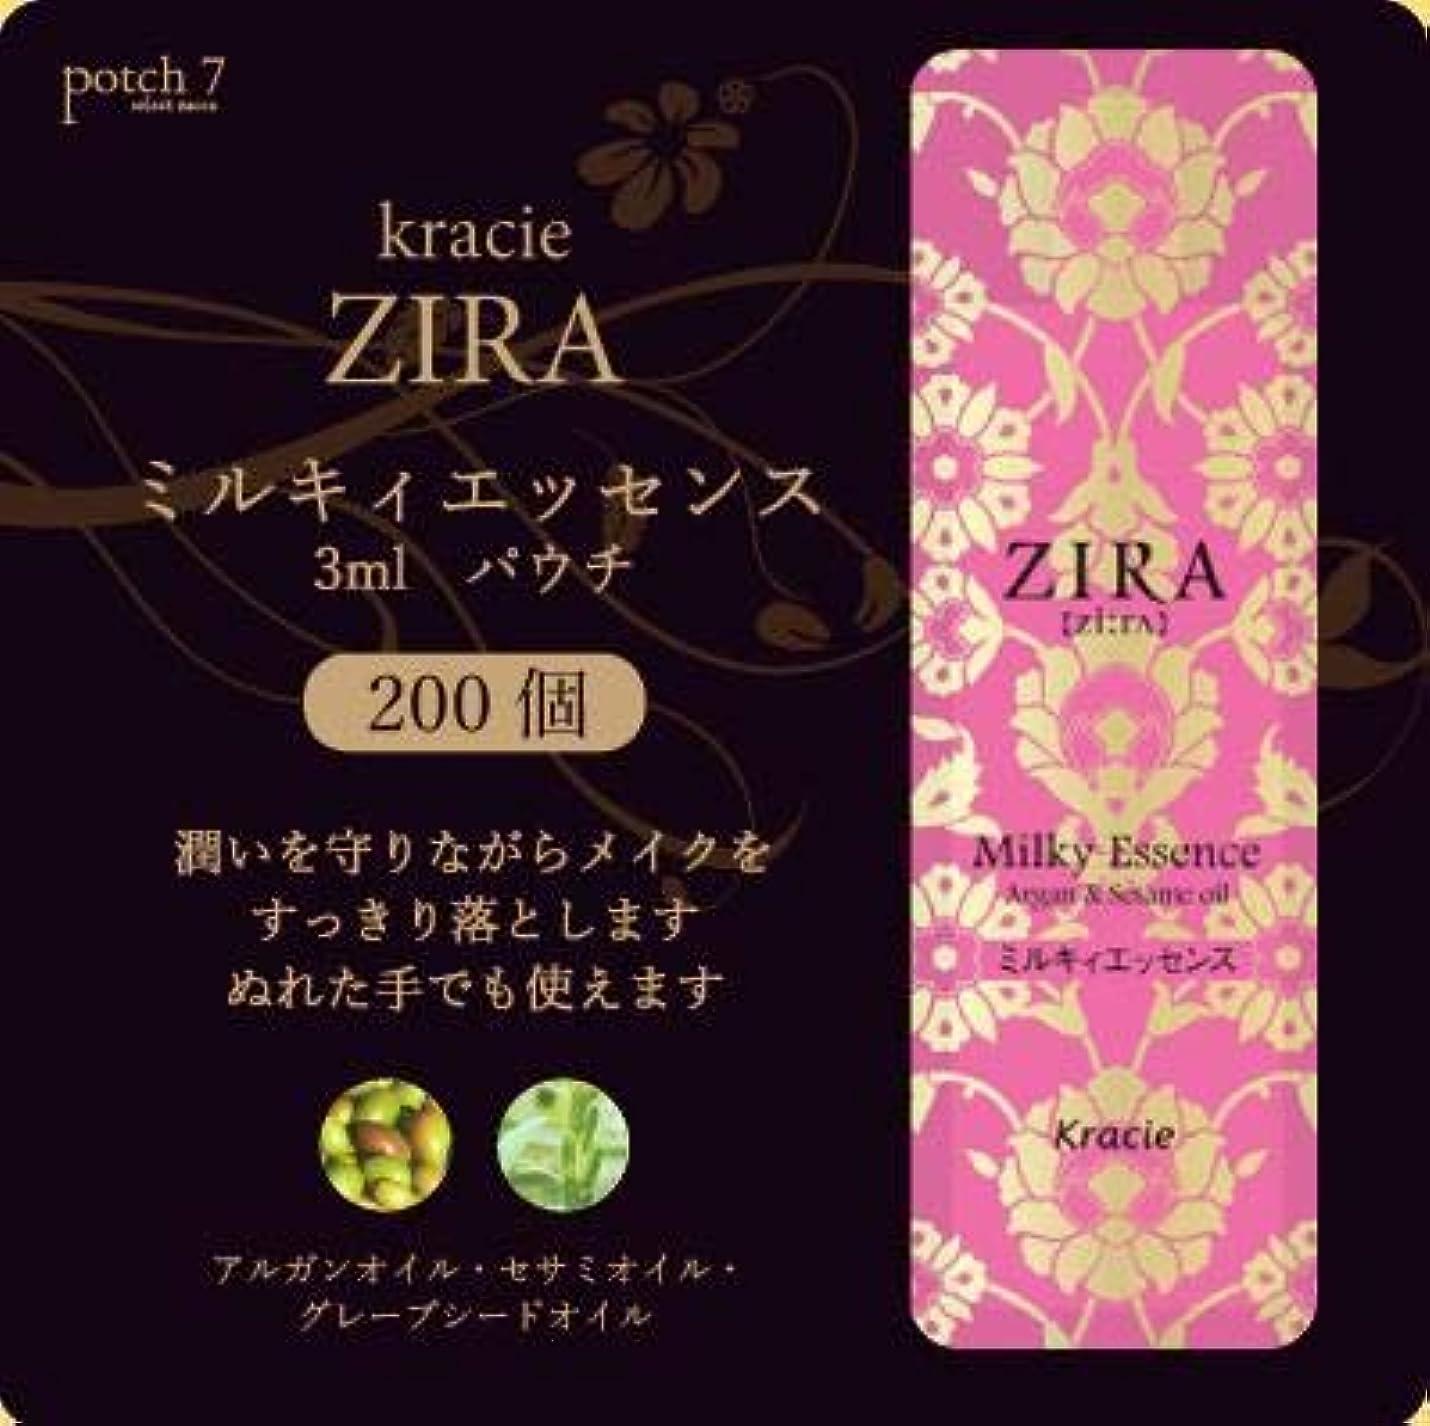 フラスコ回想評価Kracie クラシエ ZIRA ジーラ ミルキィエッセンス 美容液 パウチ 3ml 200個入